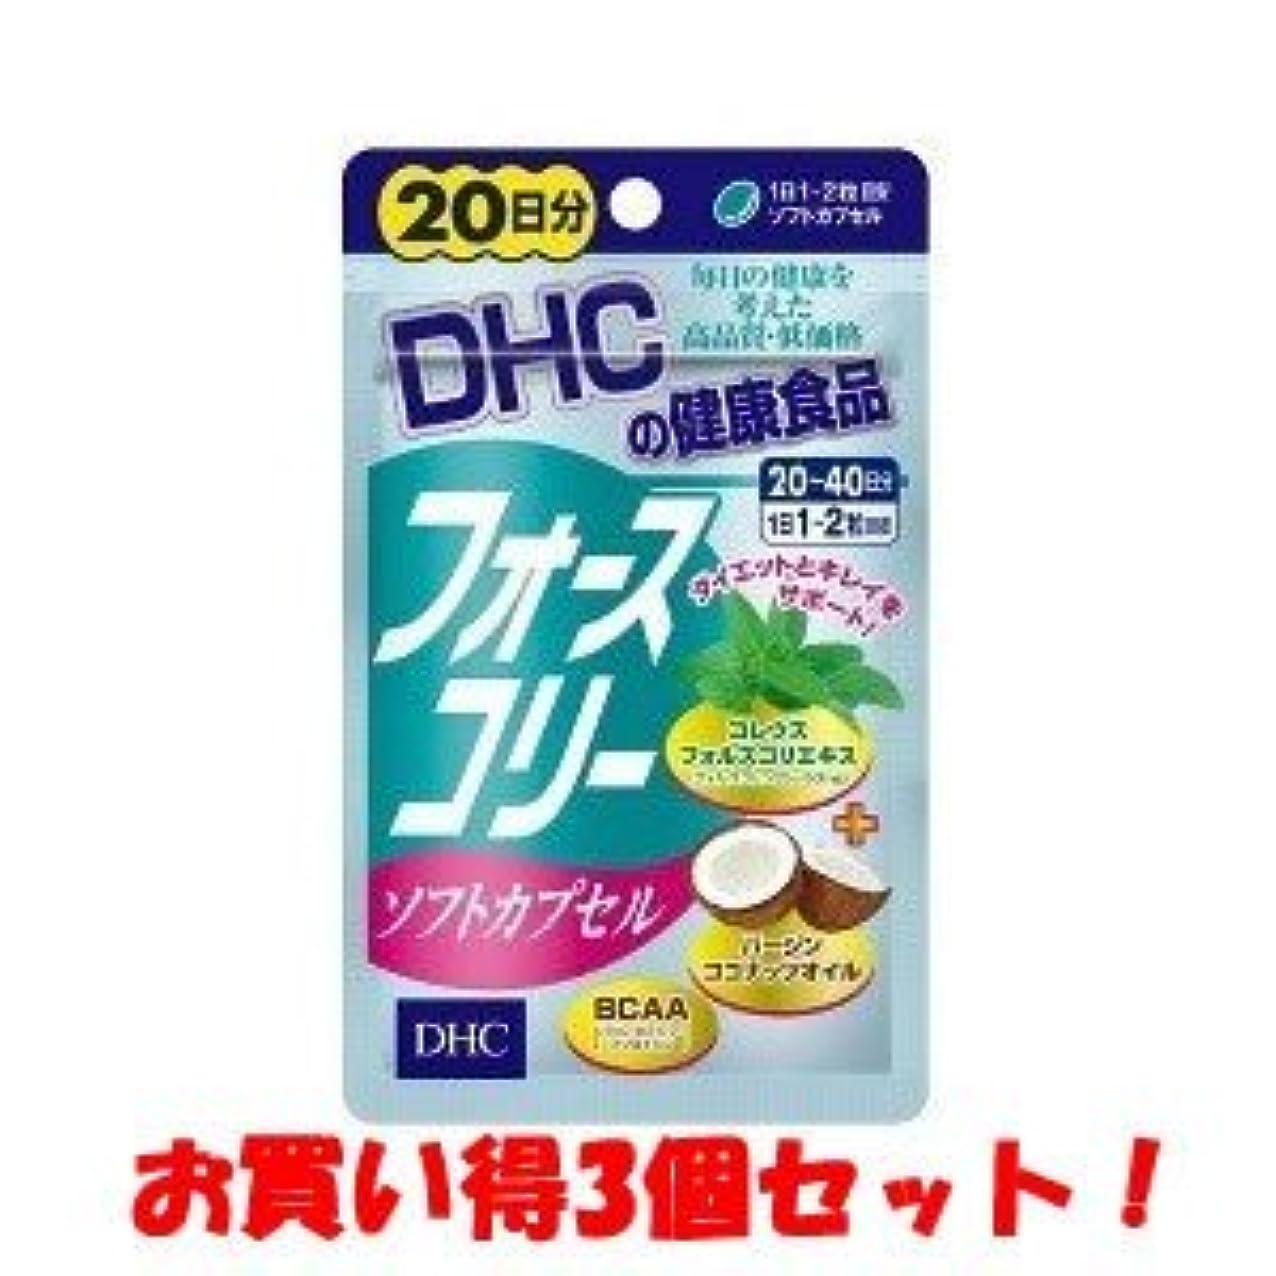 醸造所機械的にナース(2017年春の新商品)DHC フォースコリー ソフトカプセル 20日分 40粒(お買い得3個セット)